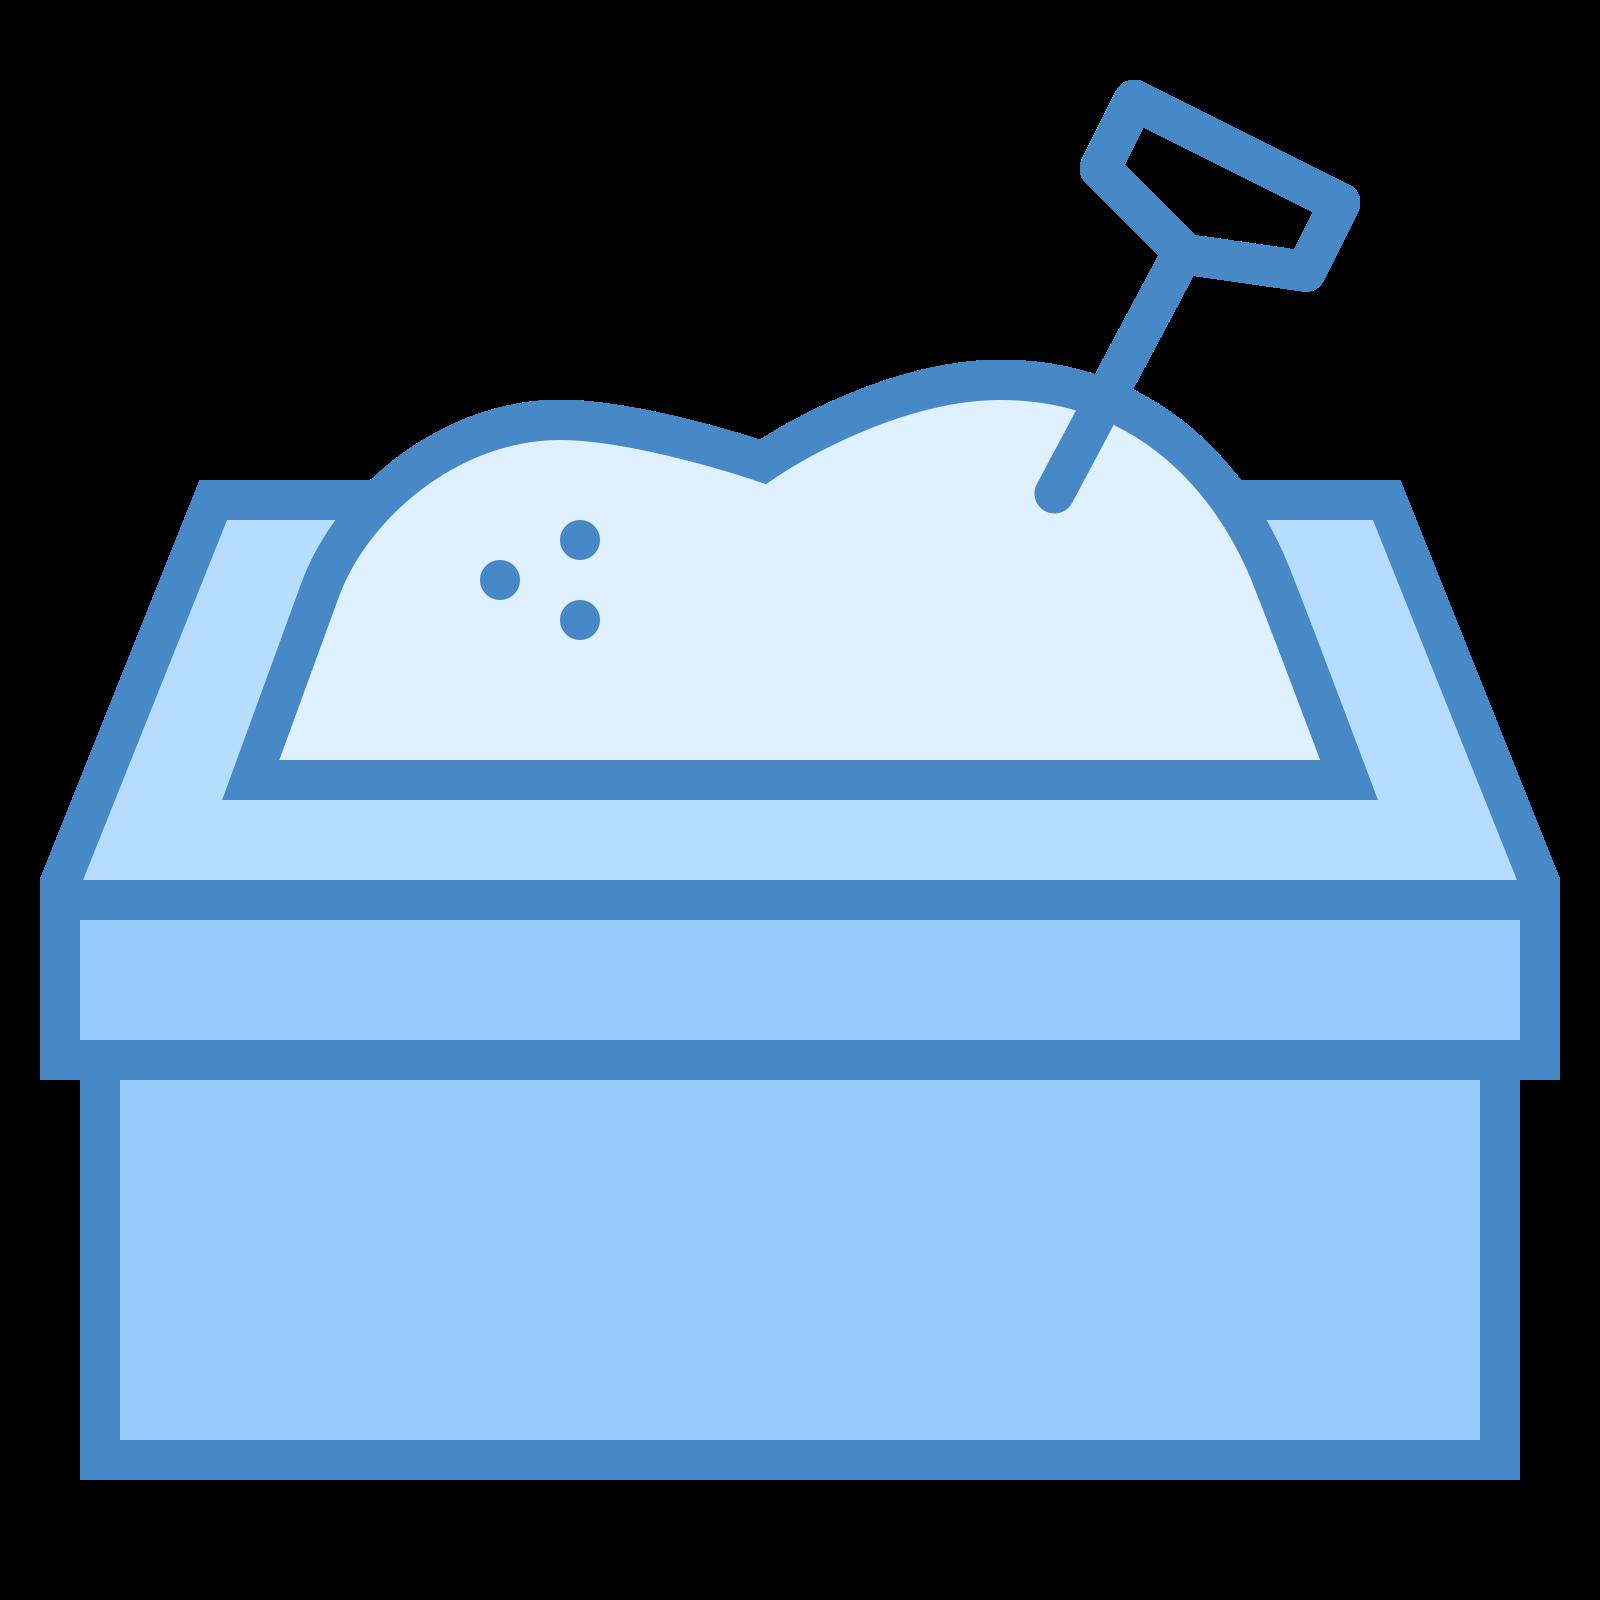 Bac à sable 2 icon